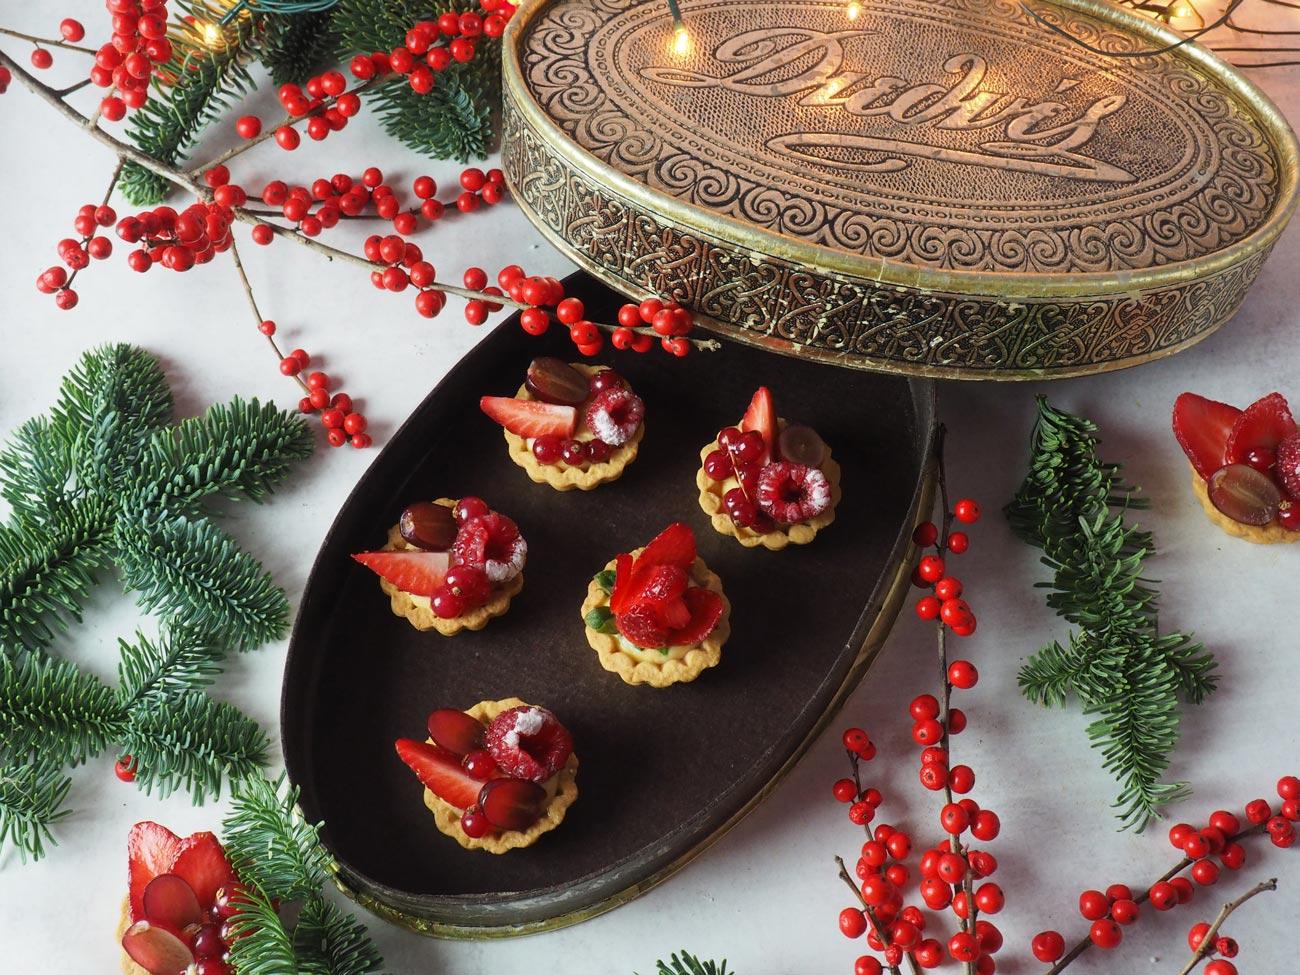 red-fruit-tarts-2.jpg